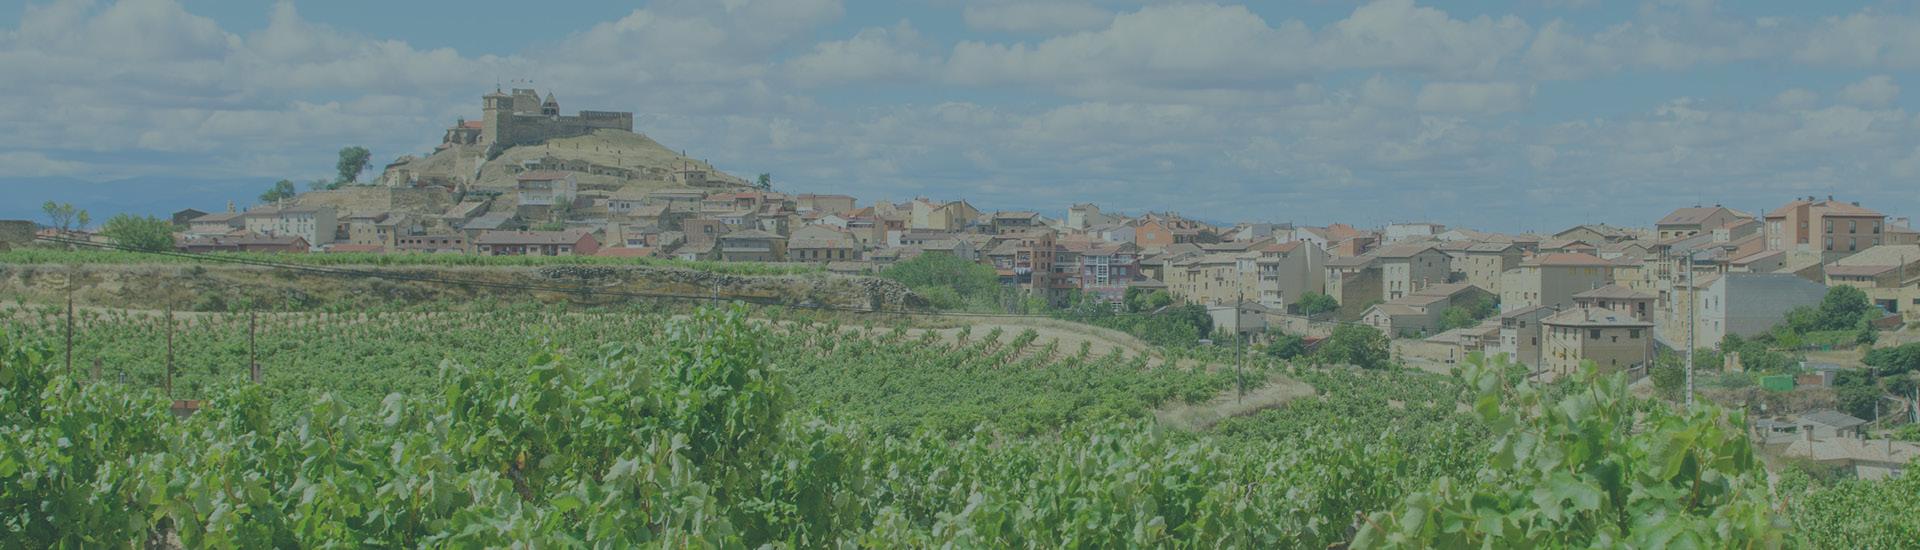 Weine - Genuss aus Spanien mit 20% Rabatt 05/2021 - Slider